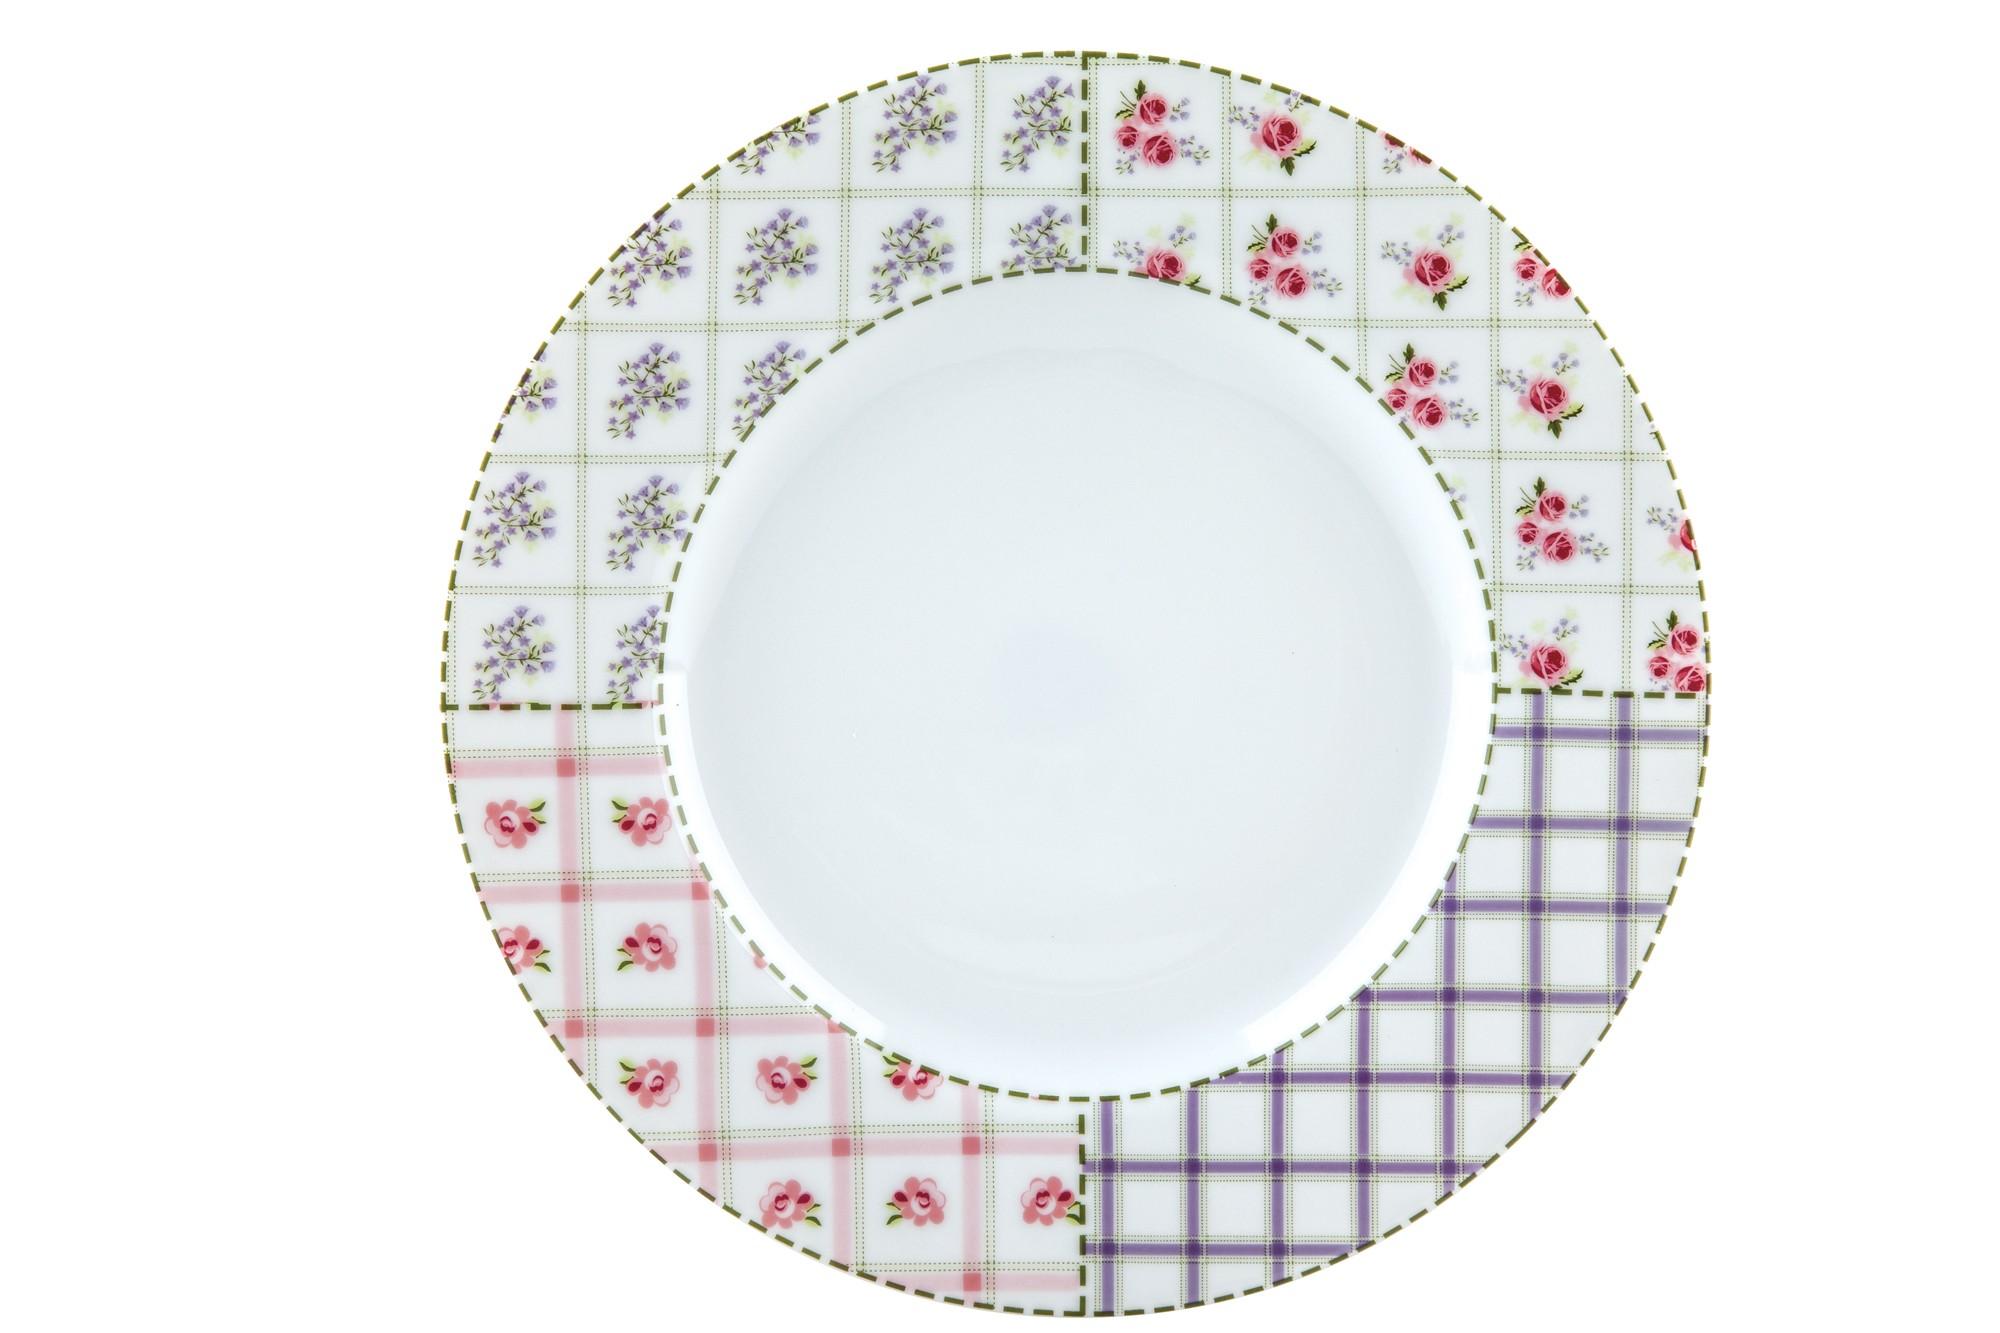 Πιάτο Φρούτου Σετ 6Τμχ Patchwork 20,5cm Ionia home   ειδη σερβιρισματος   πιάτα